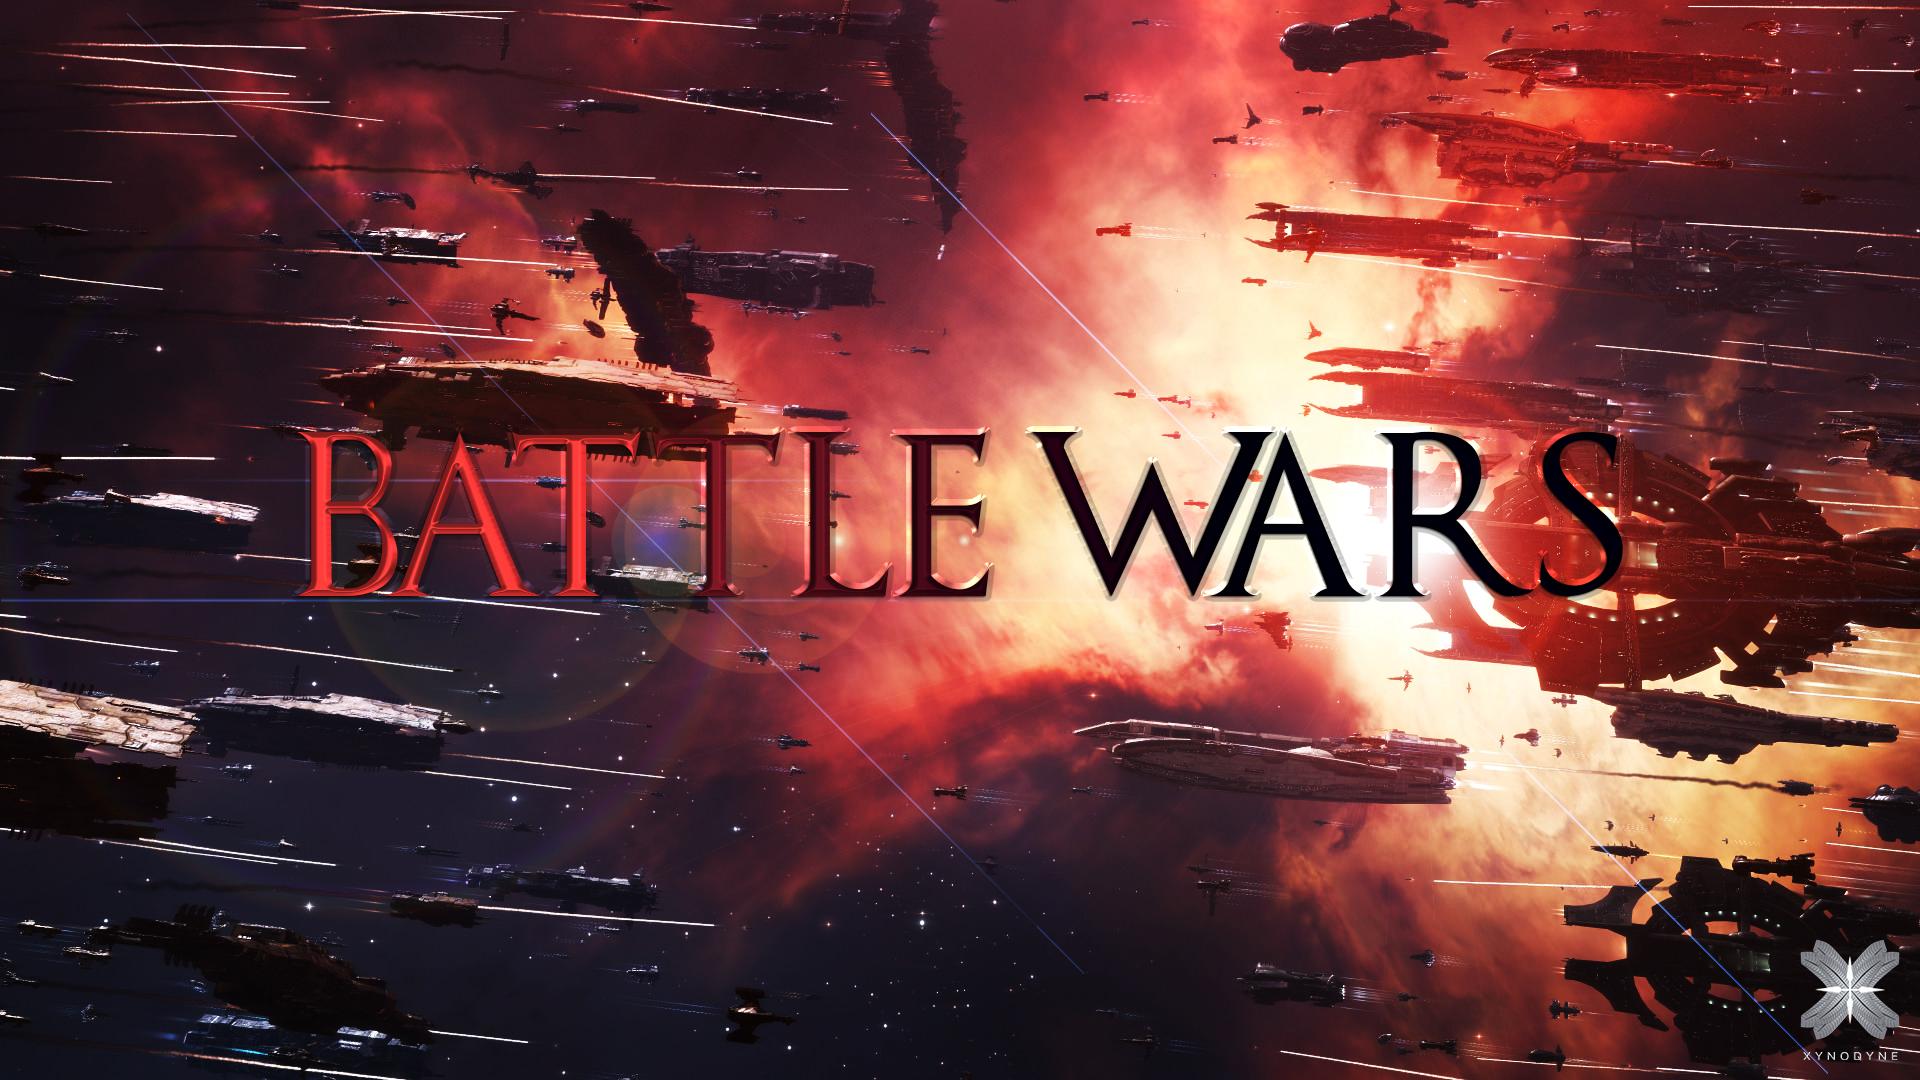 Battlewars2